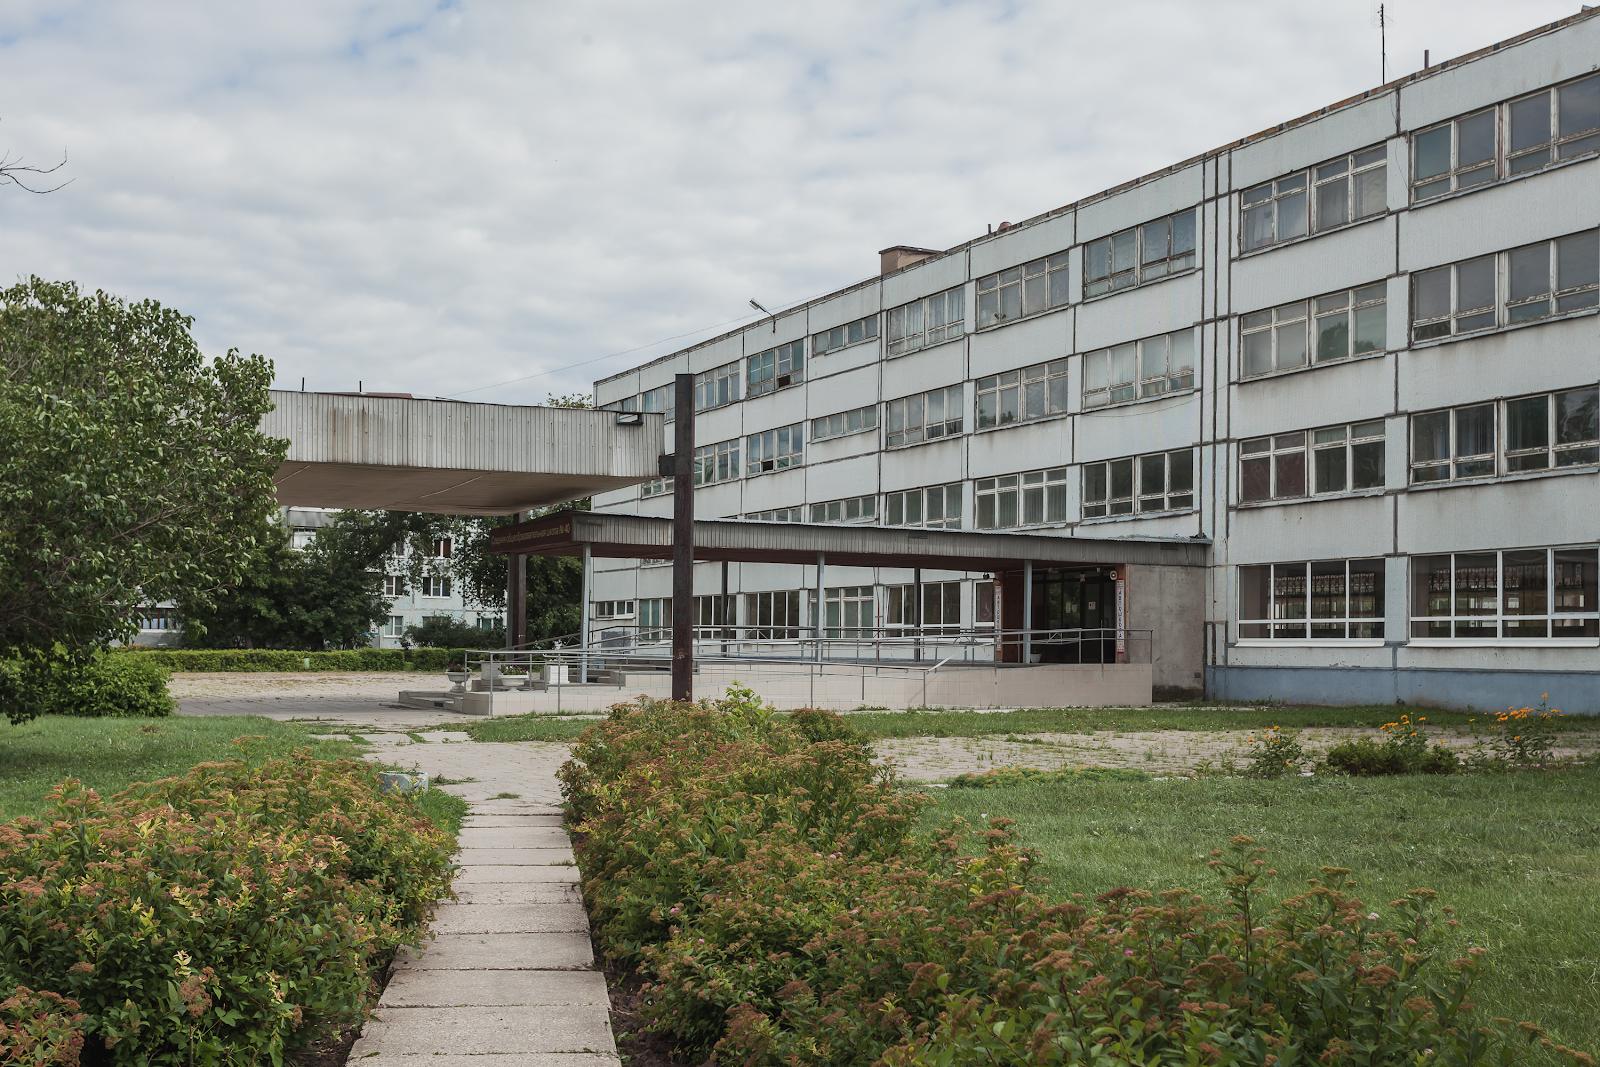 Школа №28 вТольятти (К.Д.Френкель, И.П.Саксельцев, Н.А.Кулебакина, 1967— 1969) имеет характерную для того времени планировку— два корпуса, соединённые коридором.